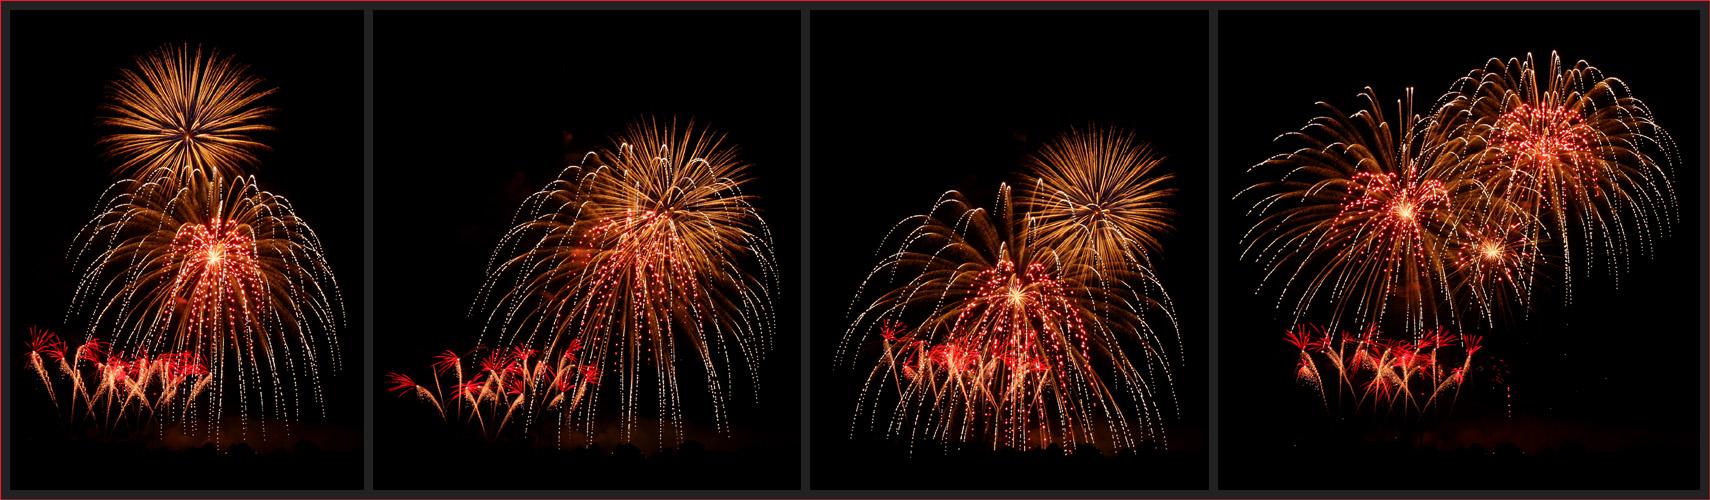 Flammende Sterne 2011 - XVIII